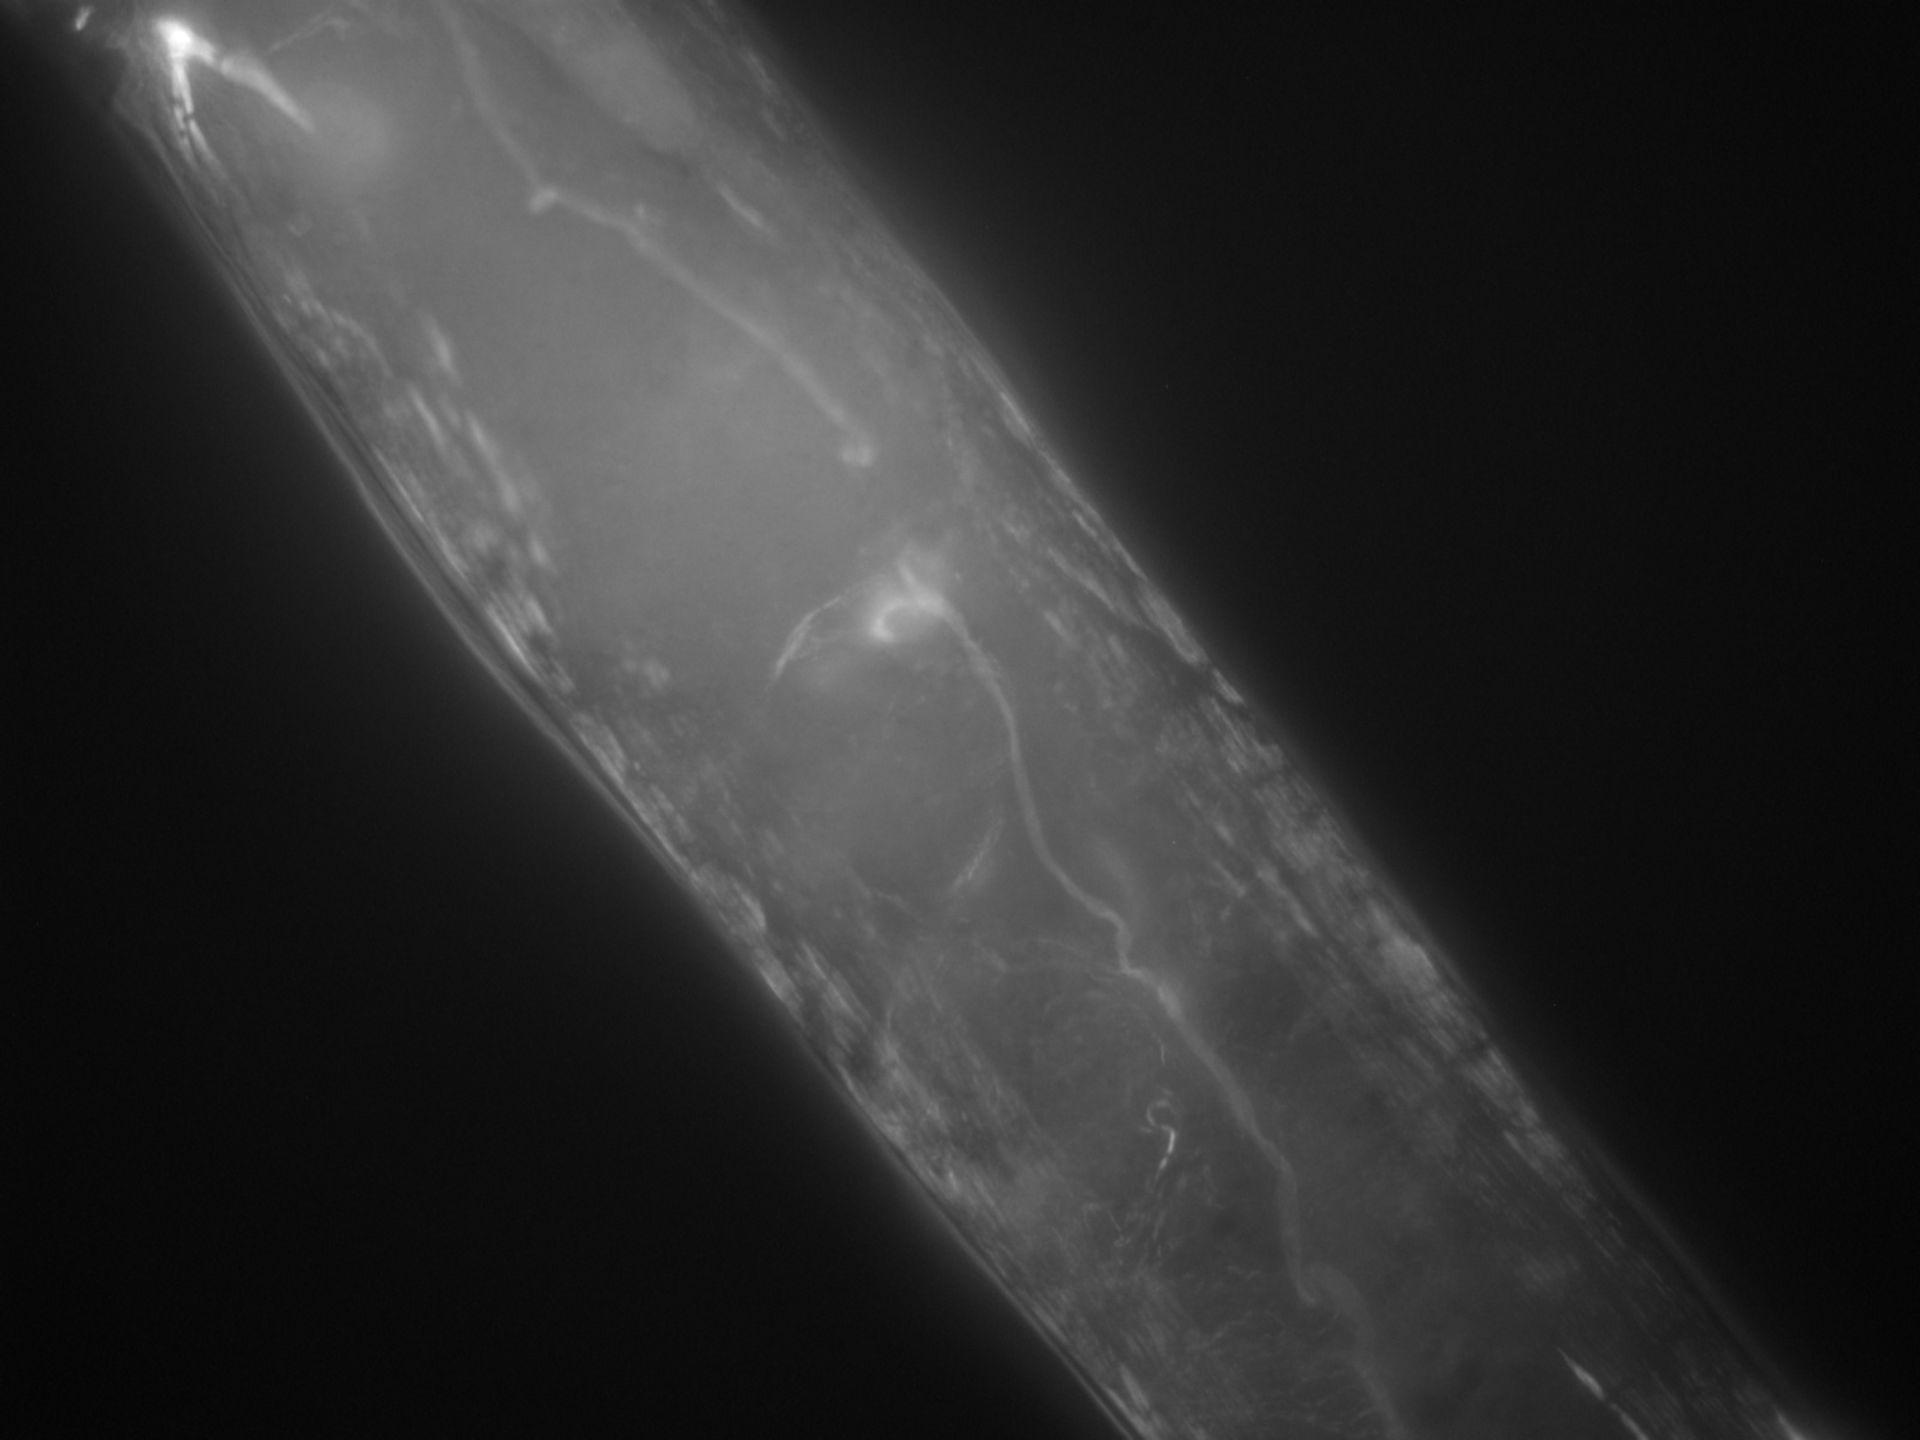 Caenorhabditis elegans (Actin filament) - CIL:1304